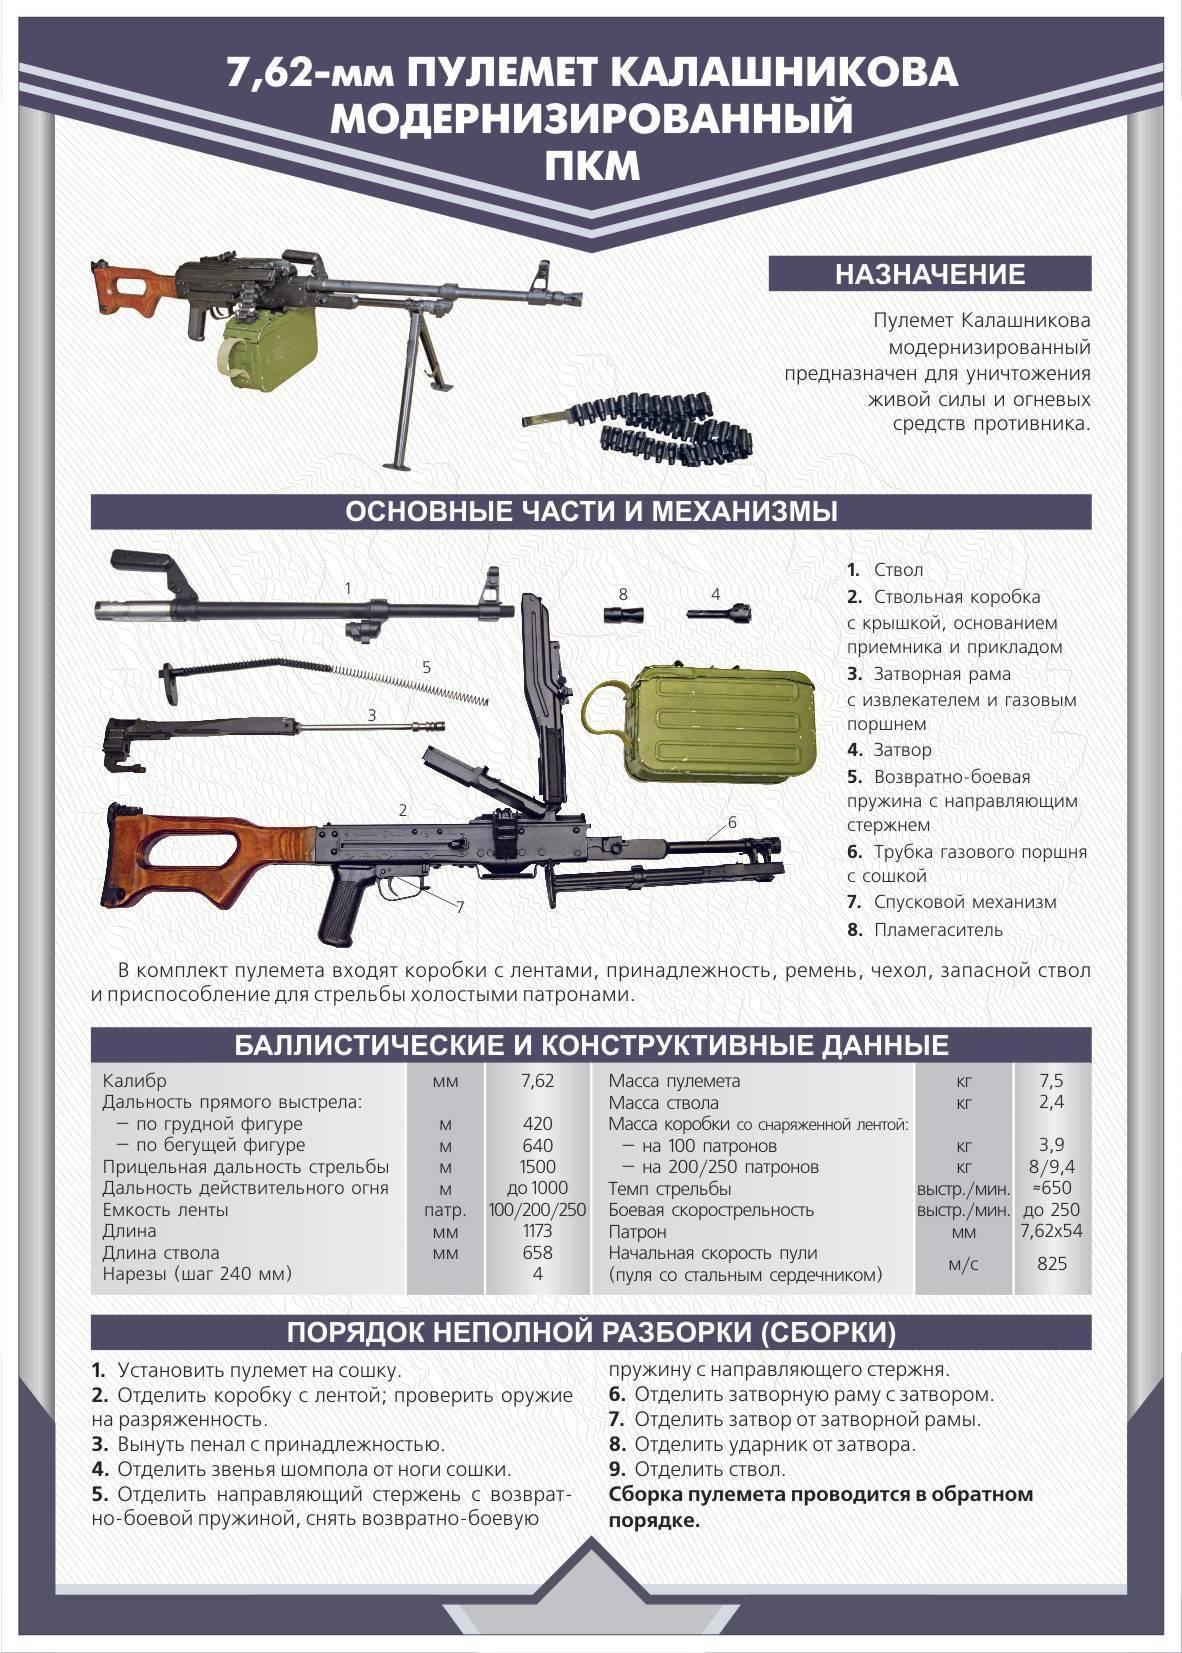 Пулеметы калашникова рпк и пкм: устройство и ттх